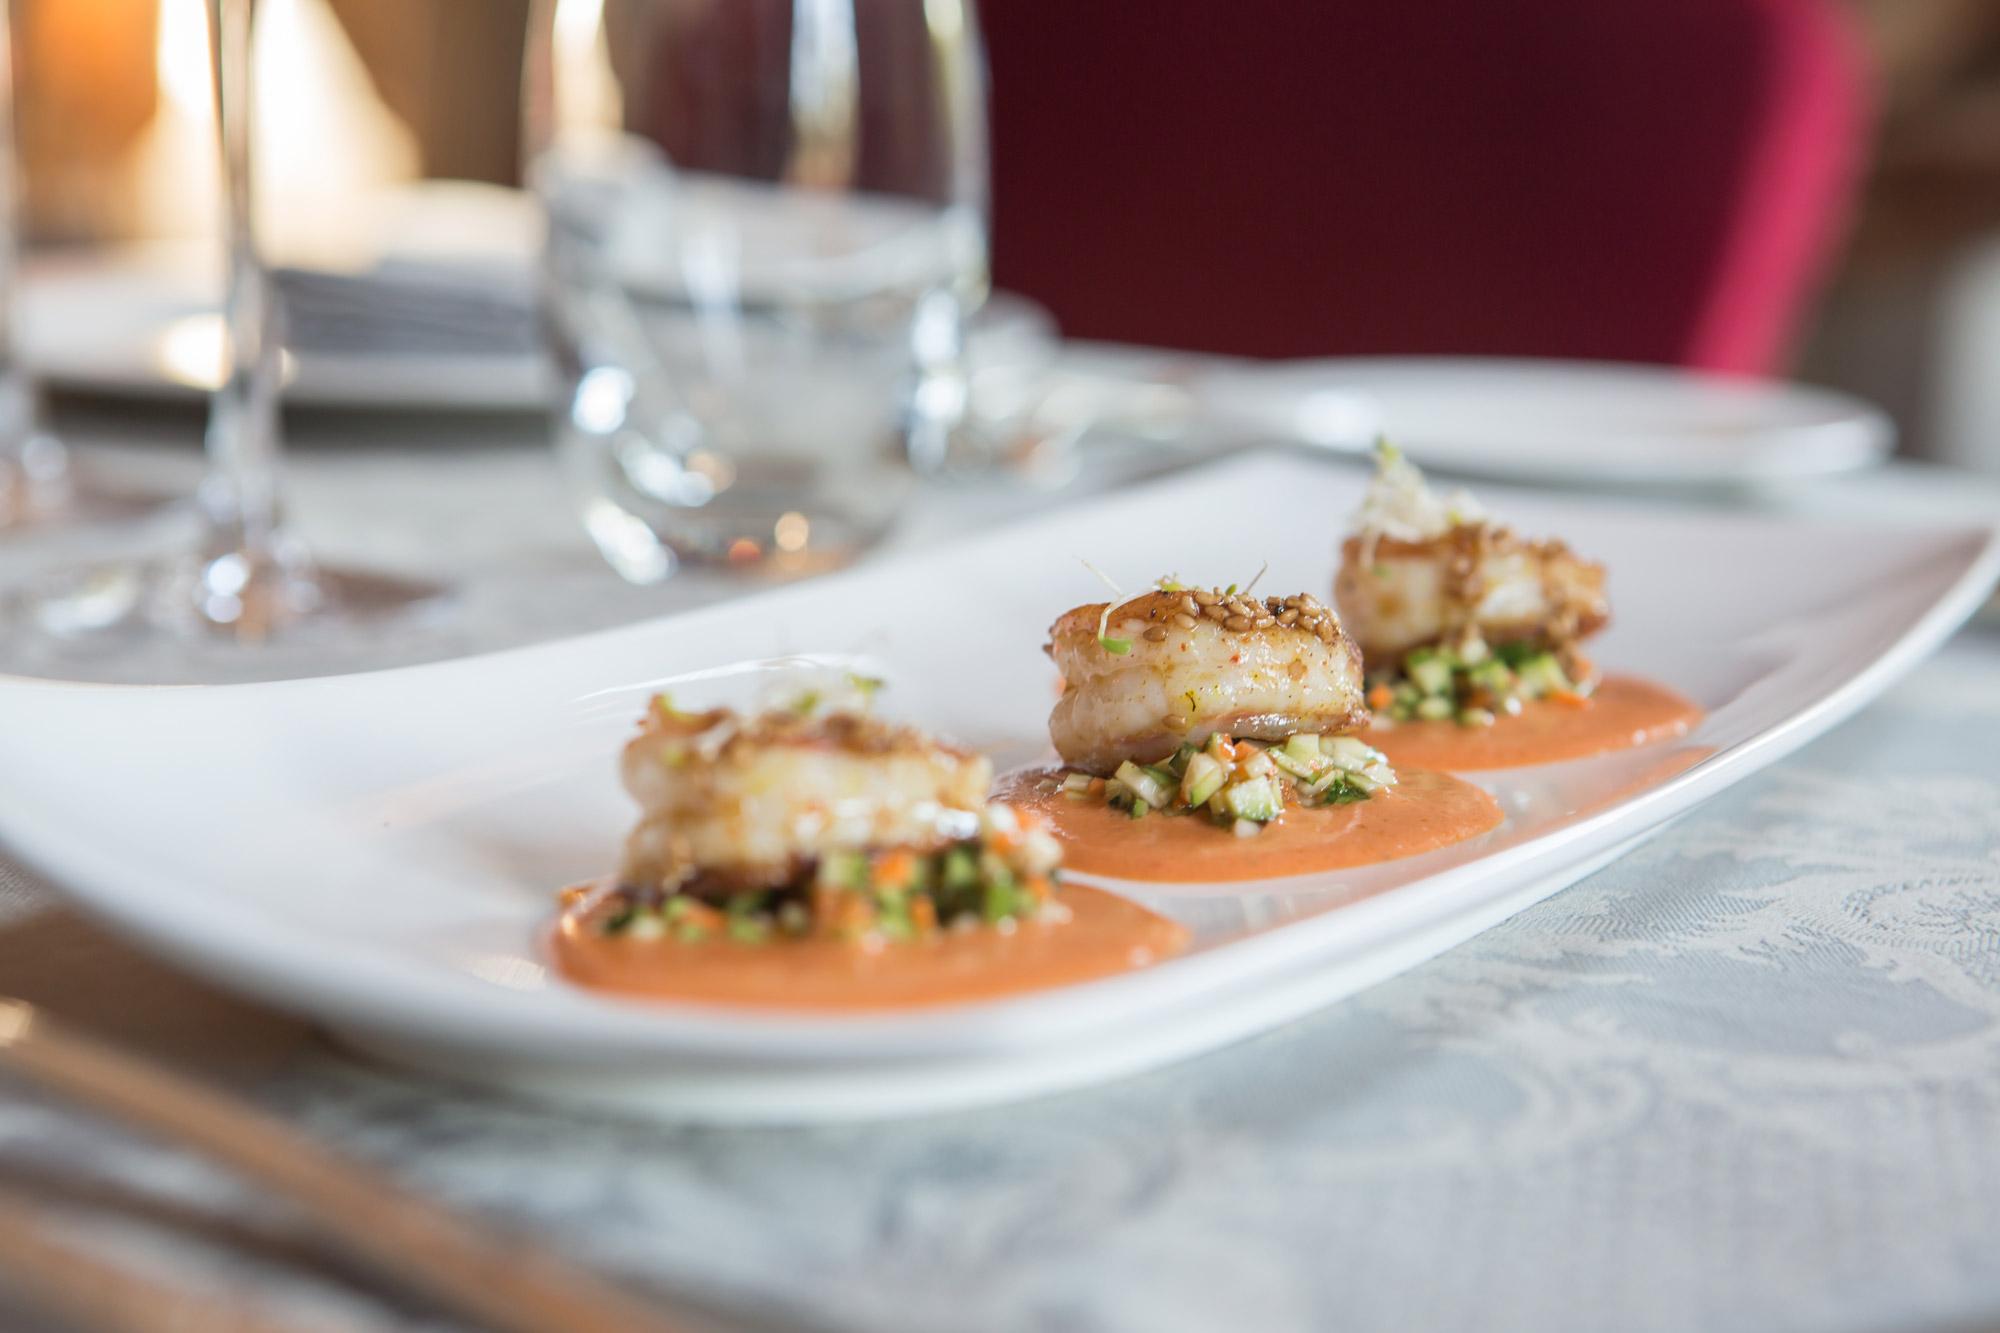 Plat à base de poisson réalisé dans un restaurant gastronomique.